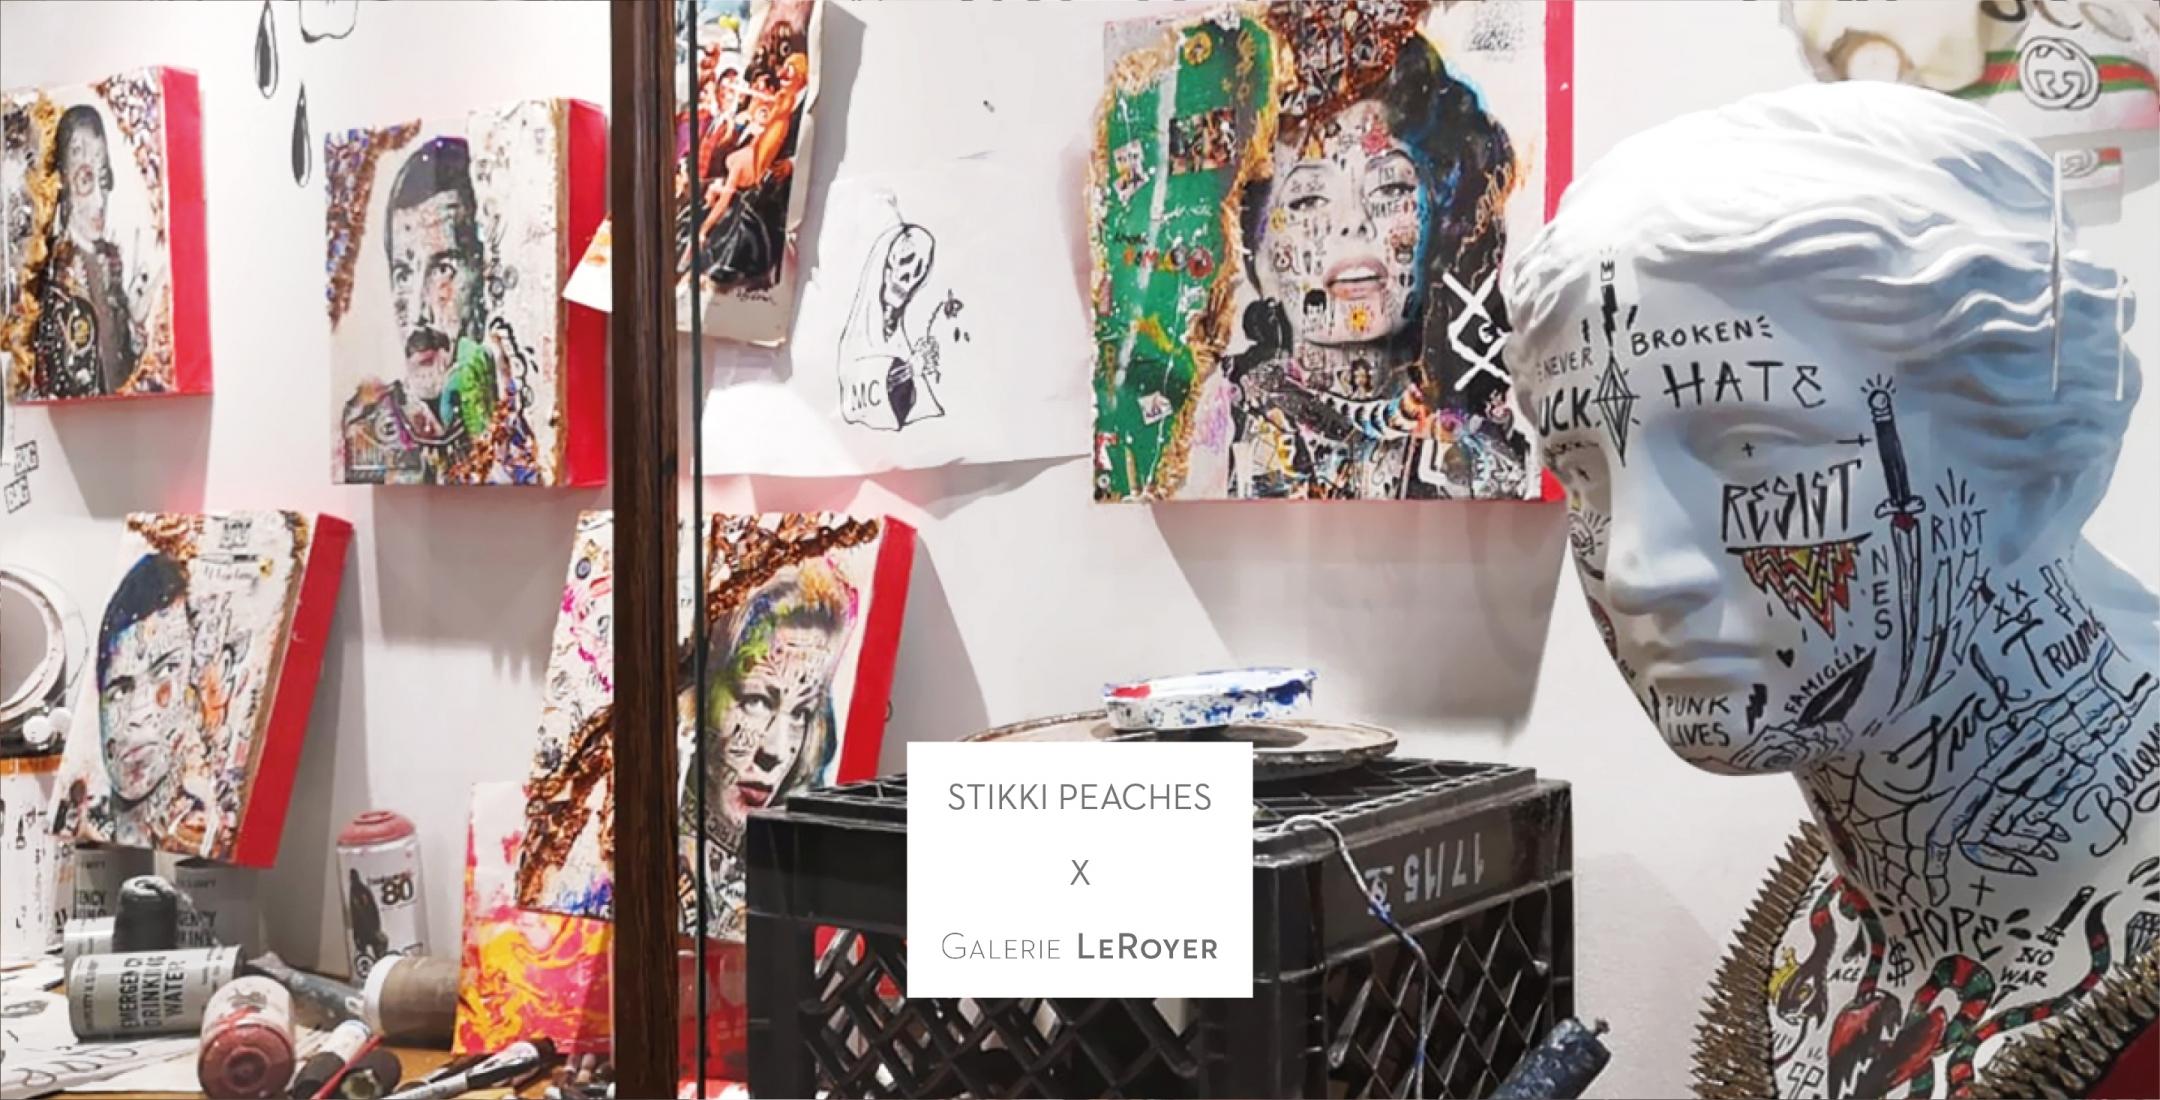 Stikki Peaches x Galerie LeRoyer